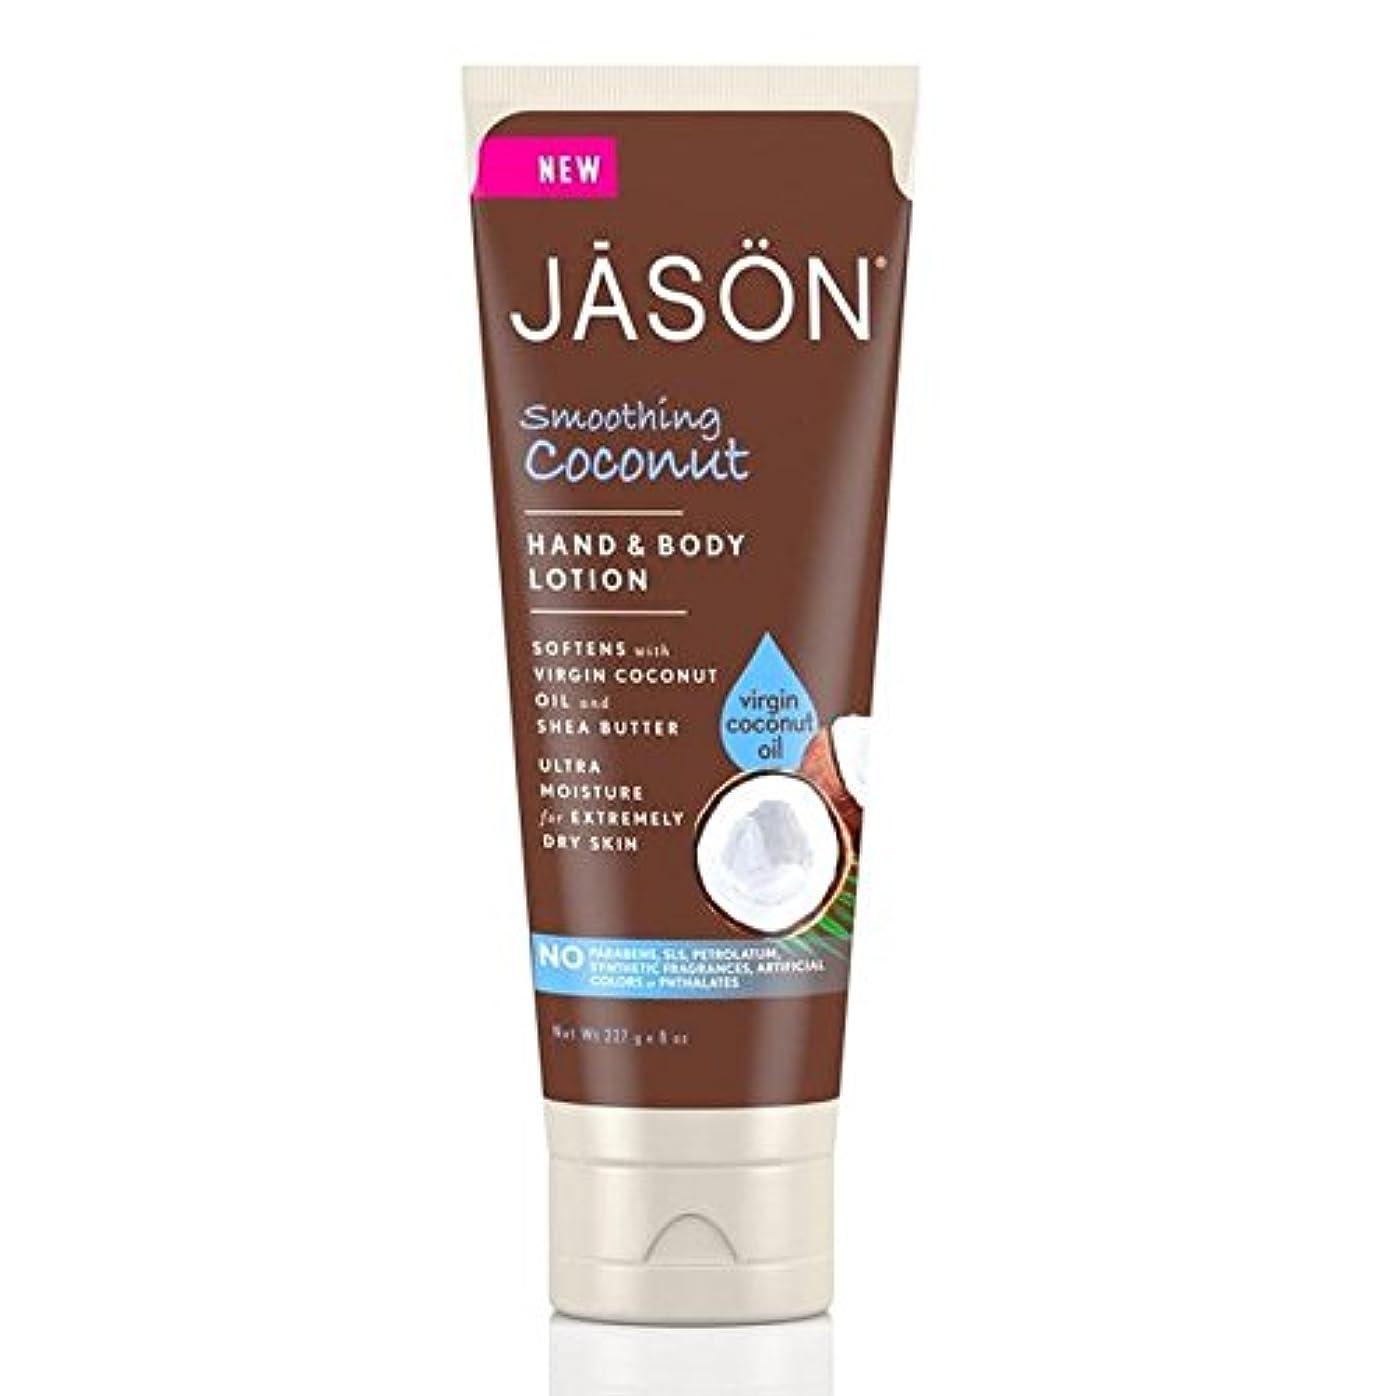 ジェイソン?ココナッツハンド&ボディローション227グラム x2 - Jason Coconut Hand & Body Lotion 227g (Pack of 2) [並行輸入品]